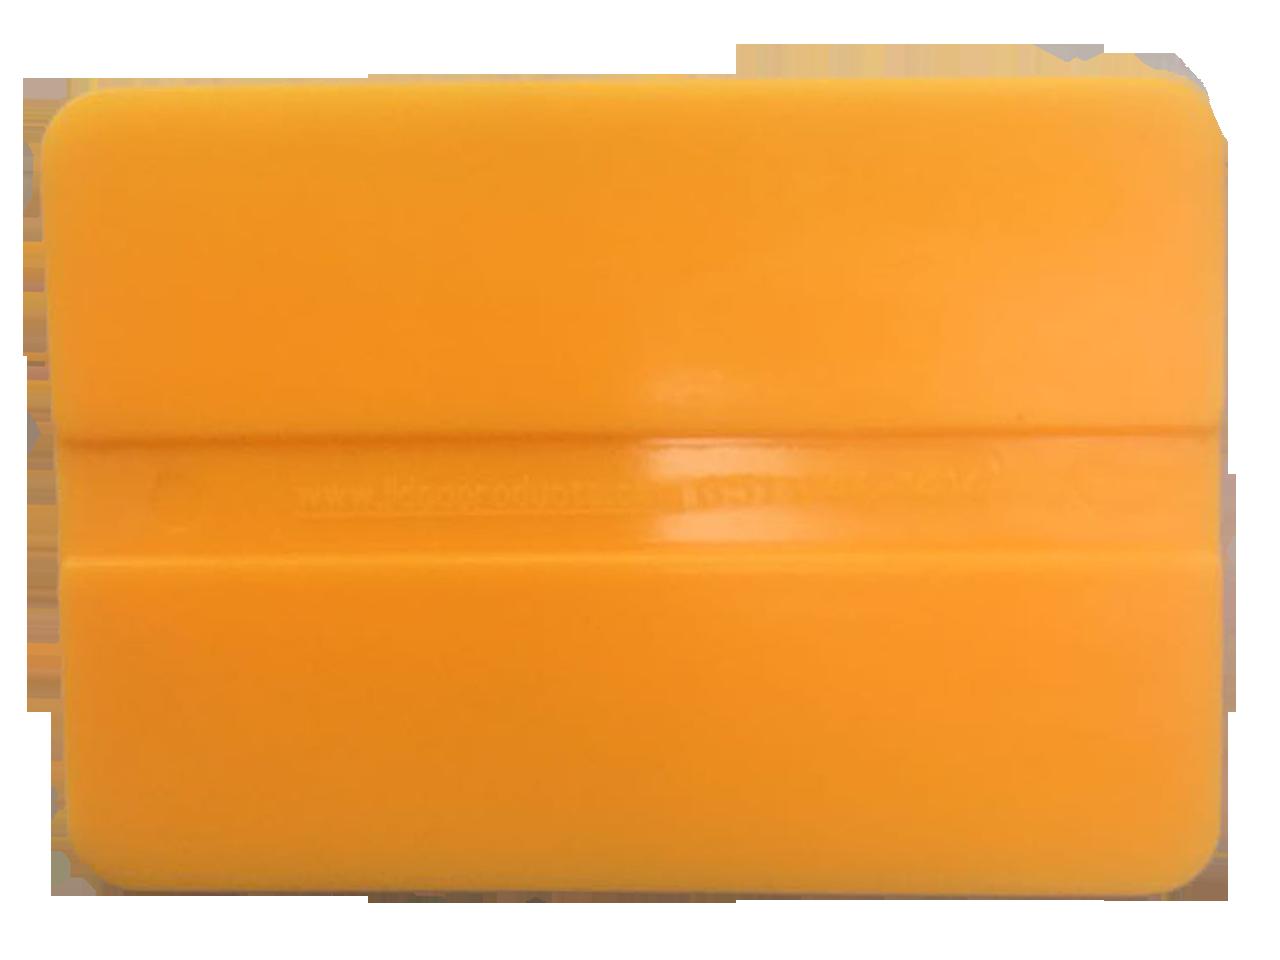 Película Profissional de Controle Solar (10 Rolos de 1,52m X 30m) TLV 5, 20, 35 e 50. Cores Disponíveis: Preto, Verde Oliva, Verde Floresta, Charcoal, Grafite ).